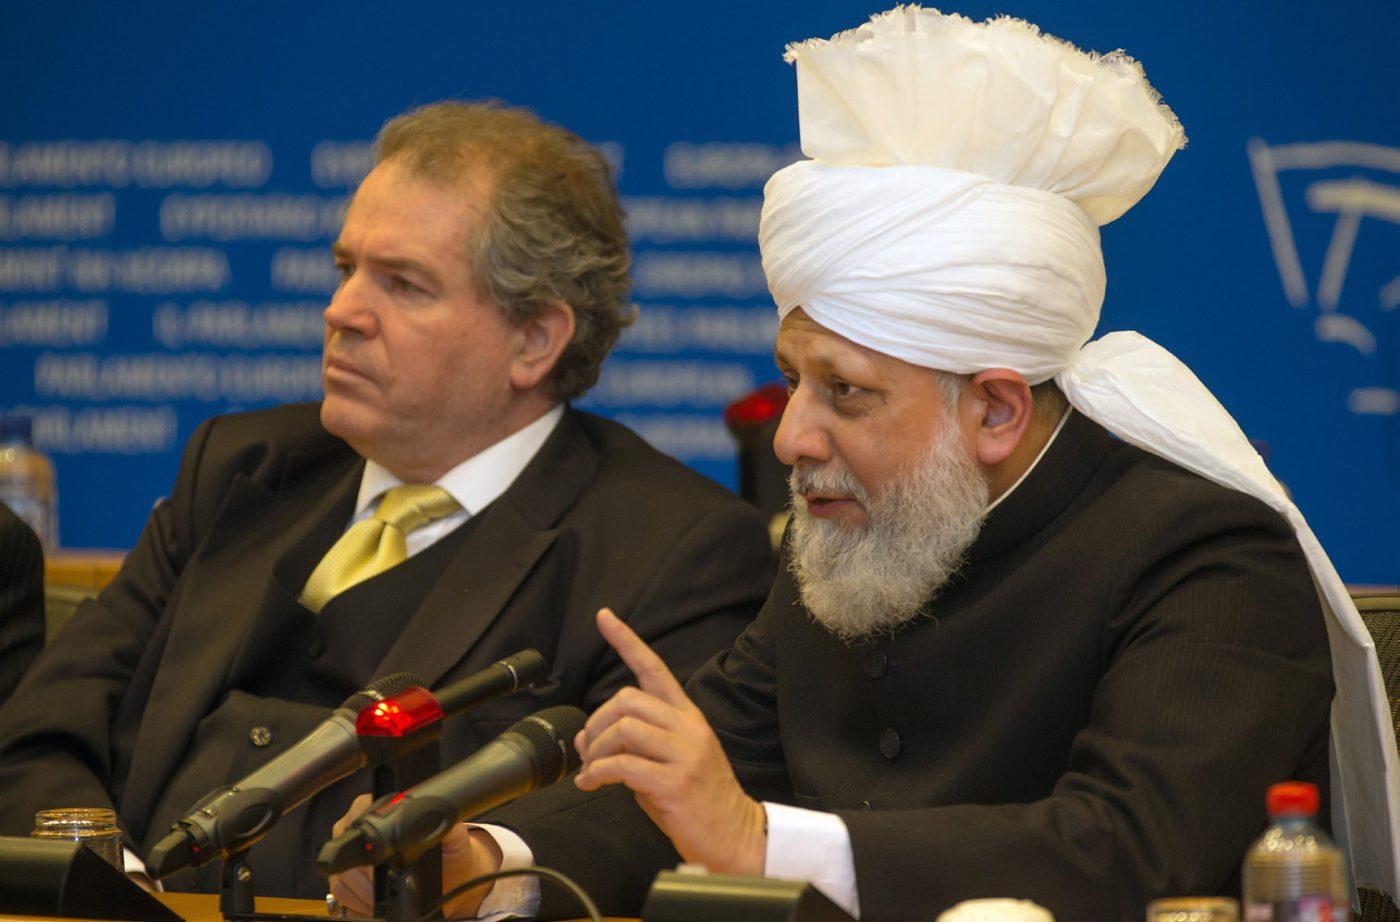 04.12.2012, Halifenin Avrupa Parlemantosundaki tarihi konuşması